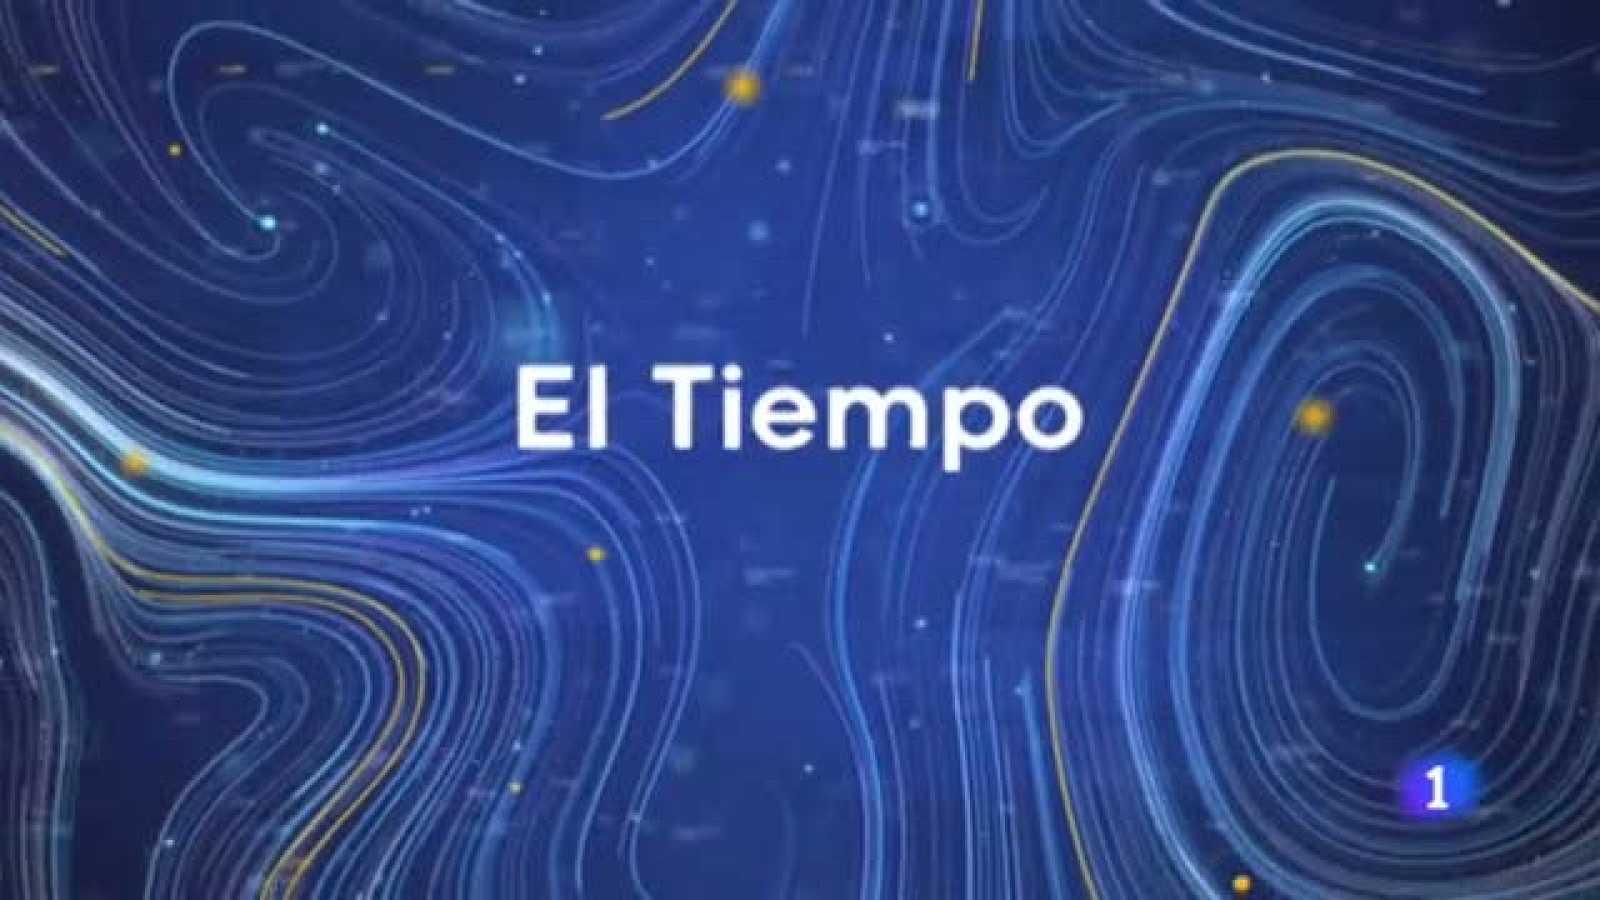 El tiempo en Castilla y León - 26/02/21 - Ver ahora